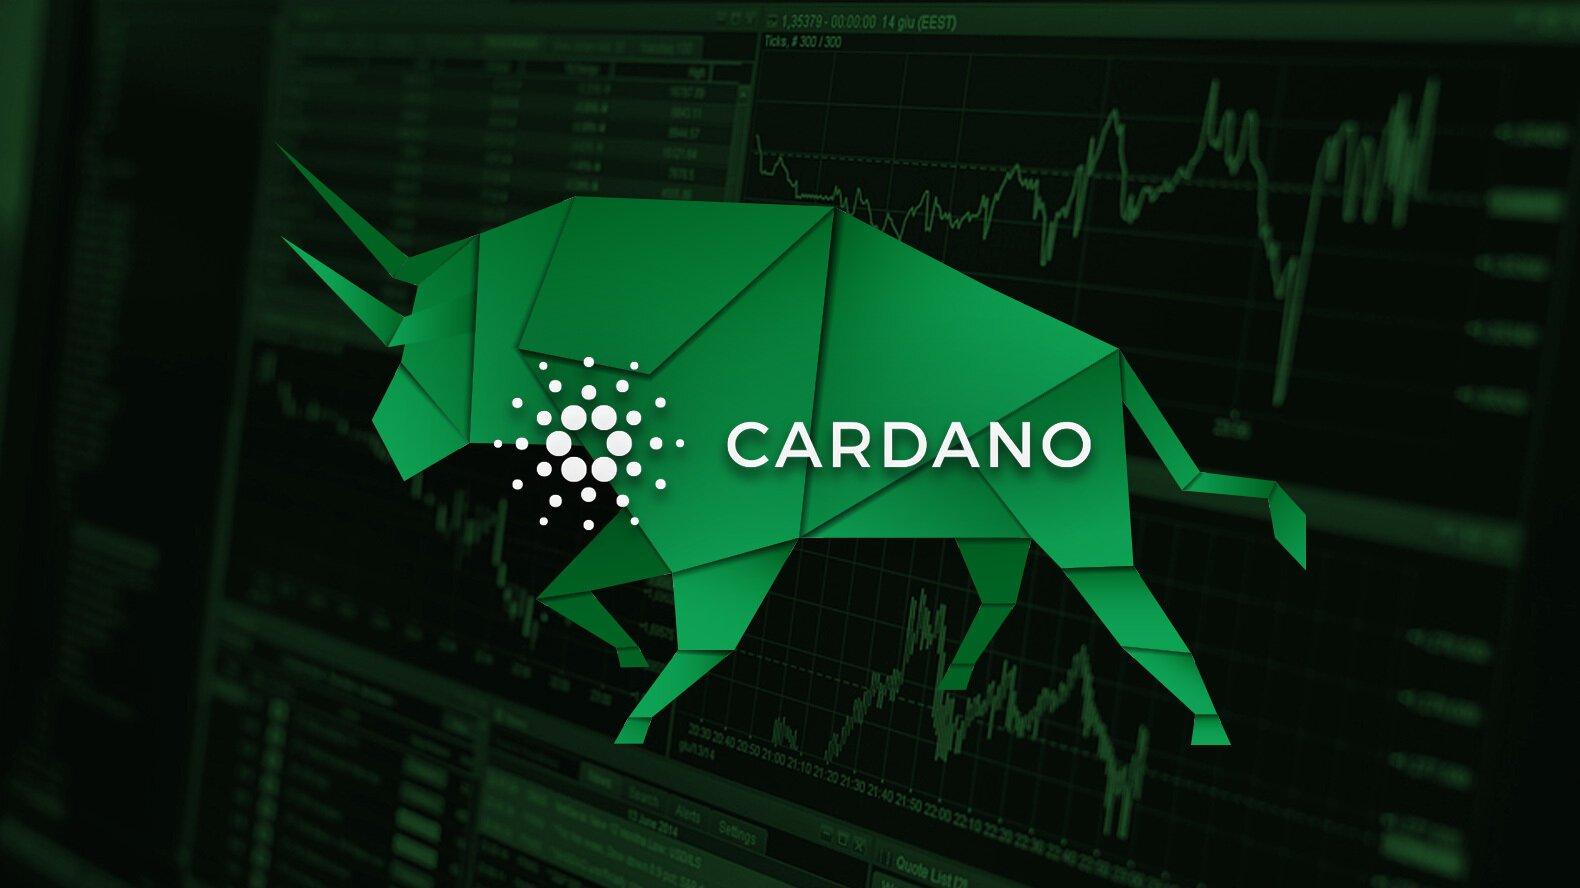 Cardano se recupera hacia $ 2.5 para recuperar el tercer lugar de Tether, ¿cuánto tiempo puede aguantar?